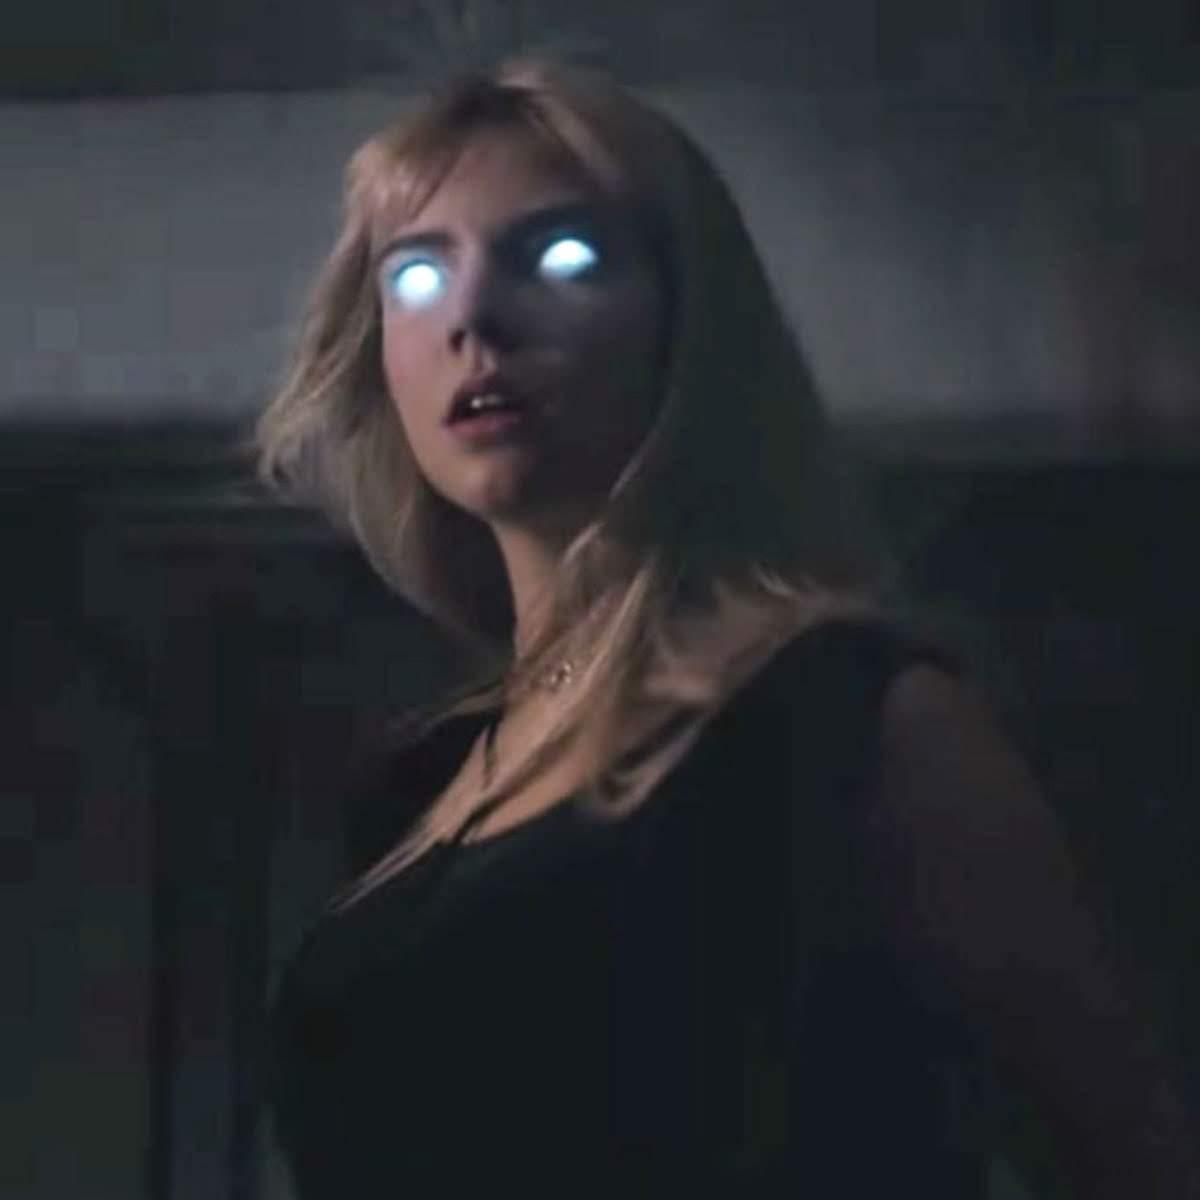 The New Mutants : 20世紀FOX 改め 20世紀スタジオの「X-Men」シリーズ最新作の全力ホラー映画「ザ・ニュー・ミュータンツ」の新しいポスター ! !